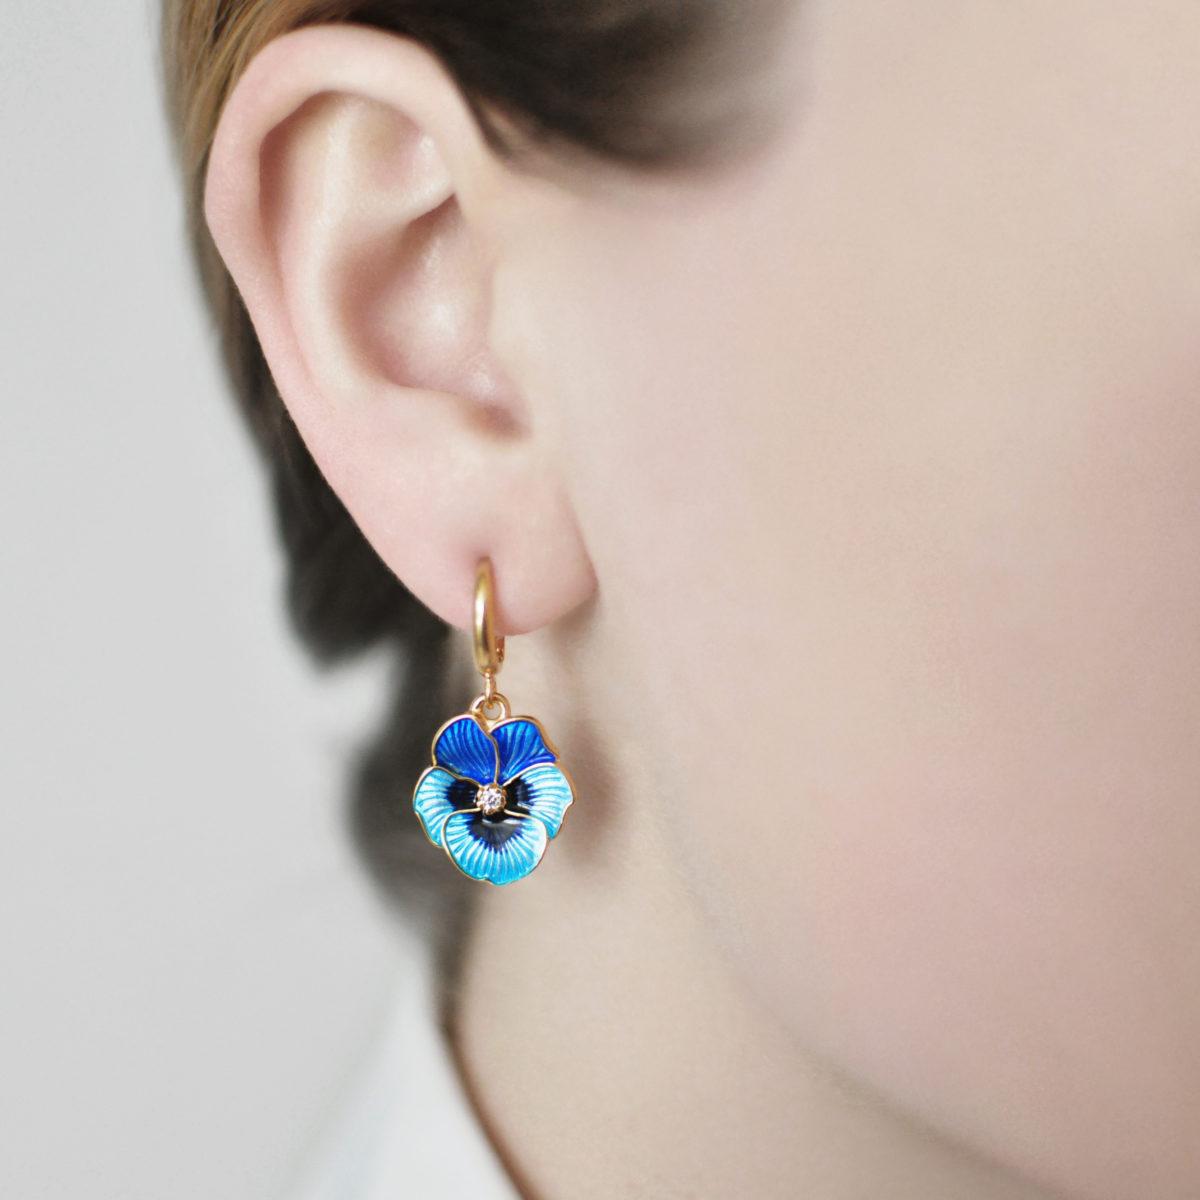 zolochenie golubaya 1 1200x1200 - Серьги-подвески «Анютины глазки» (золочение), голубые